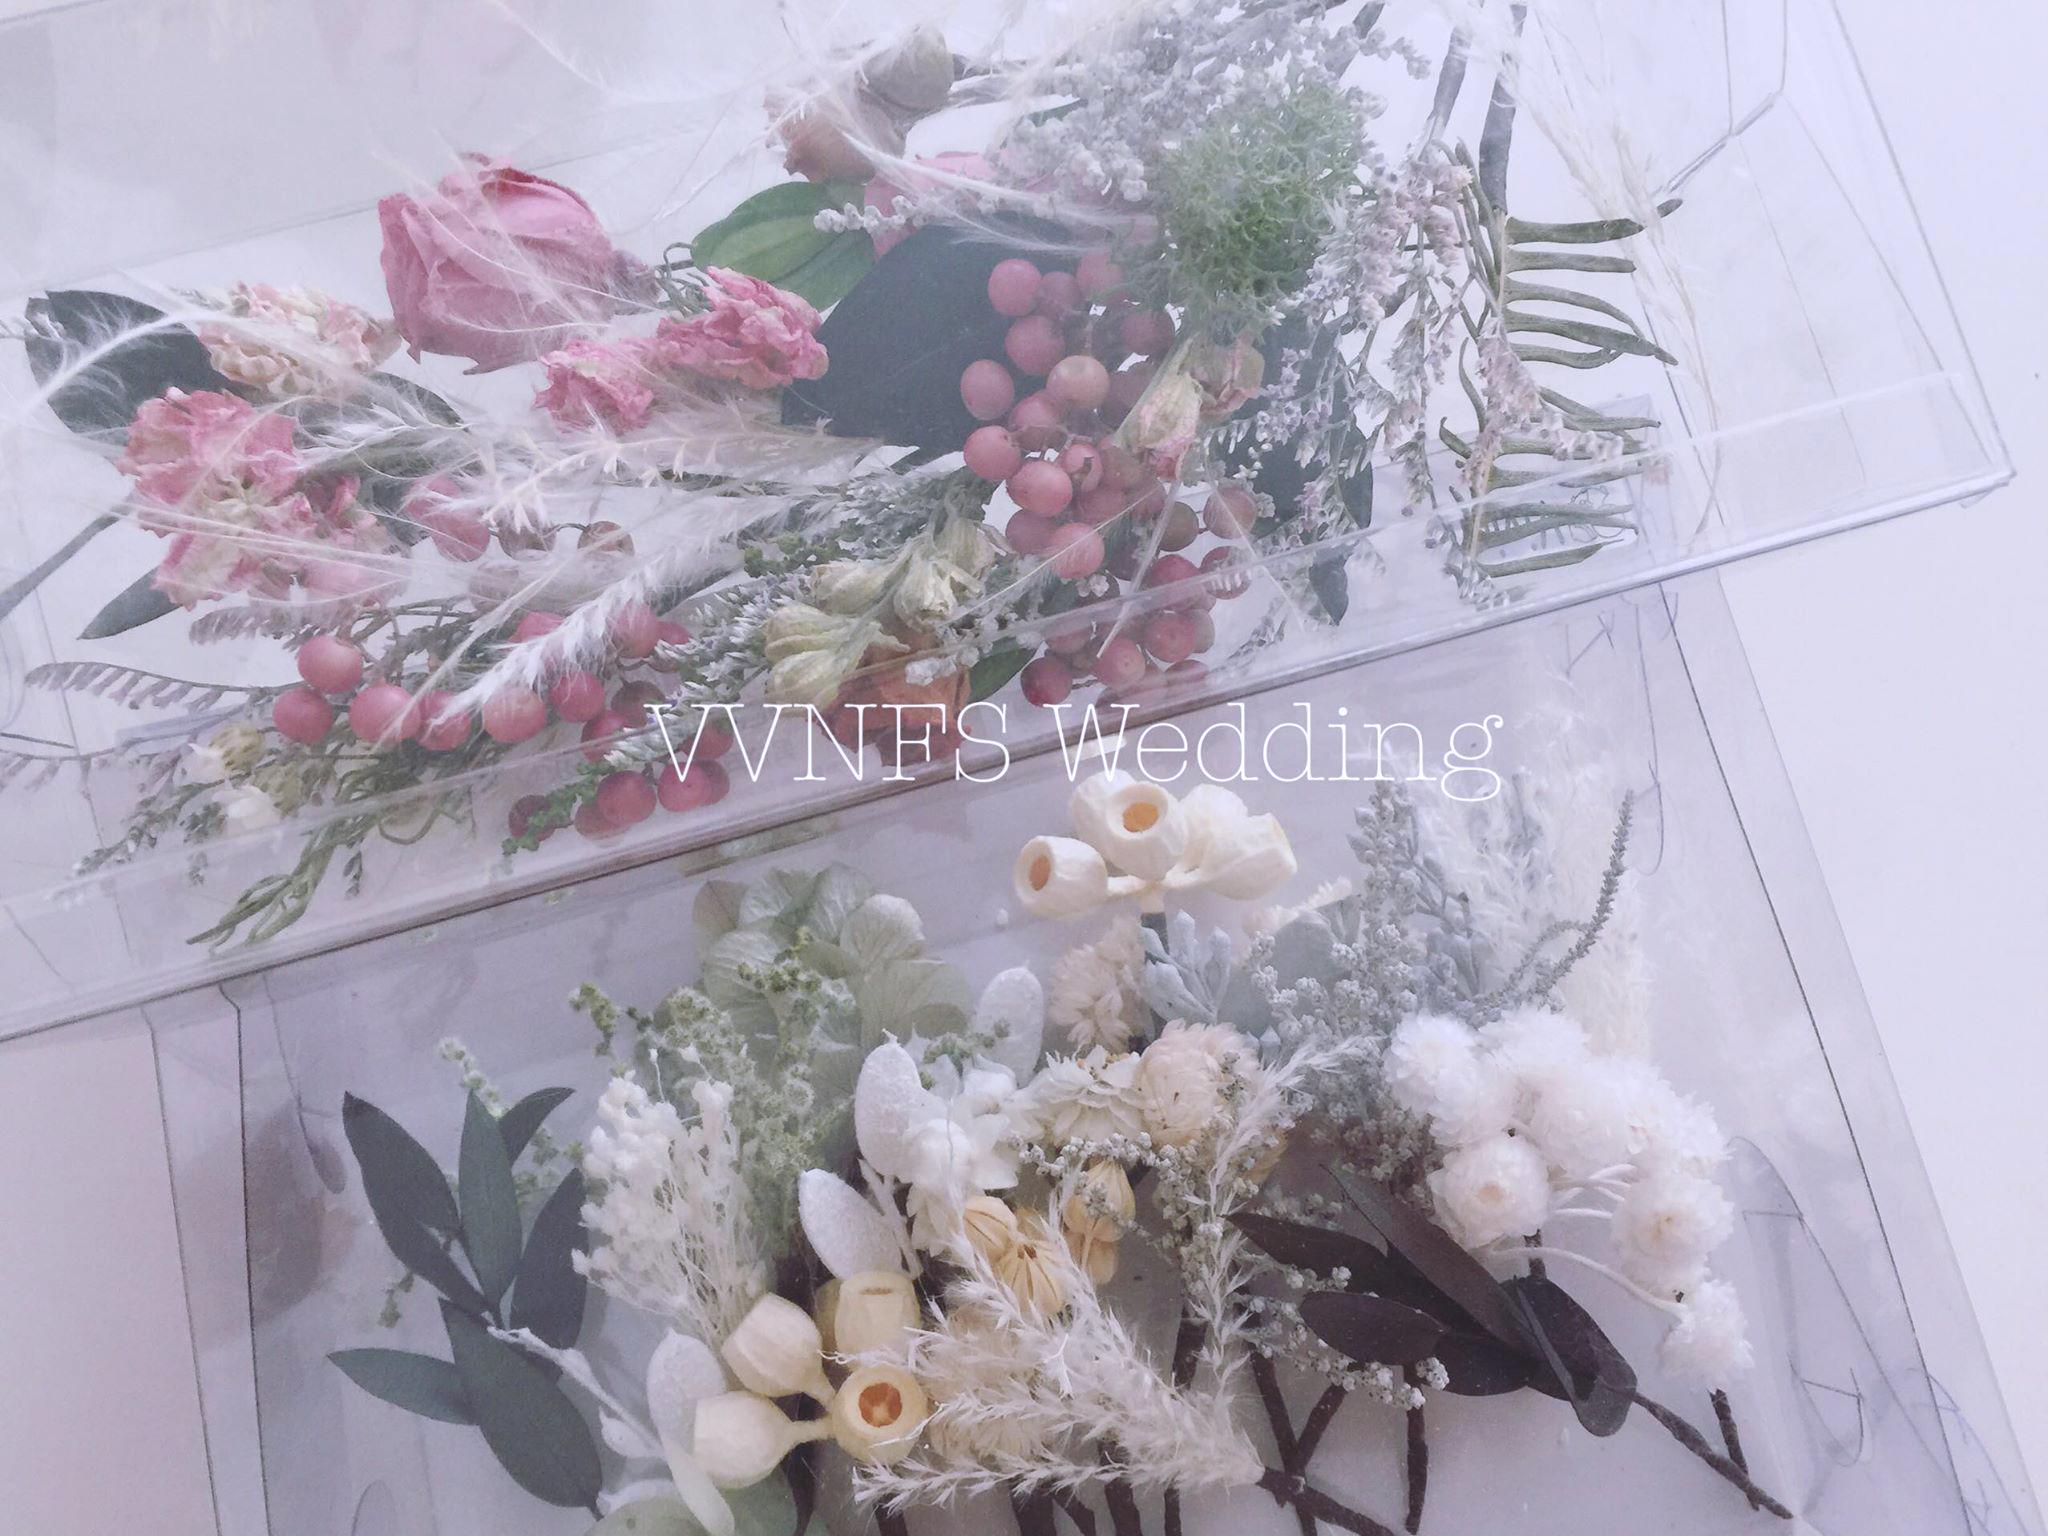 VVNFS Flower 13